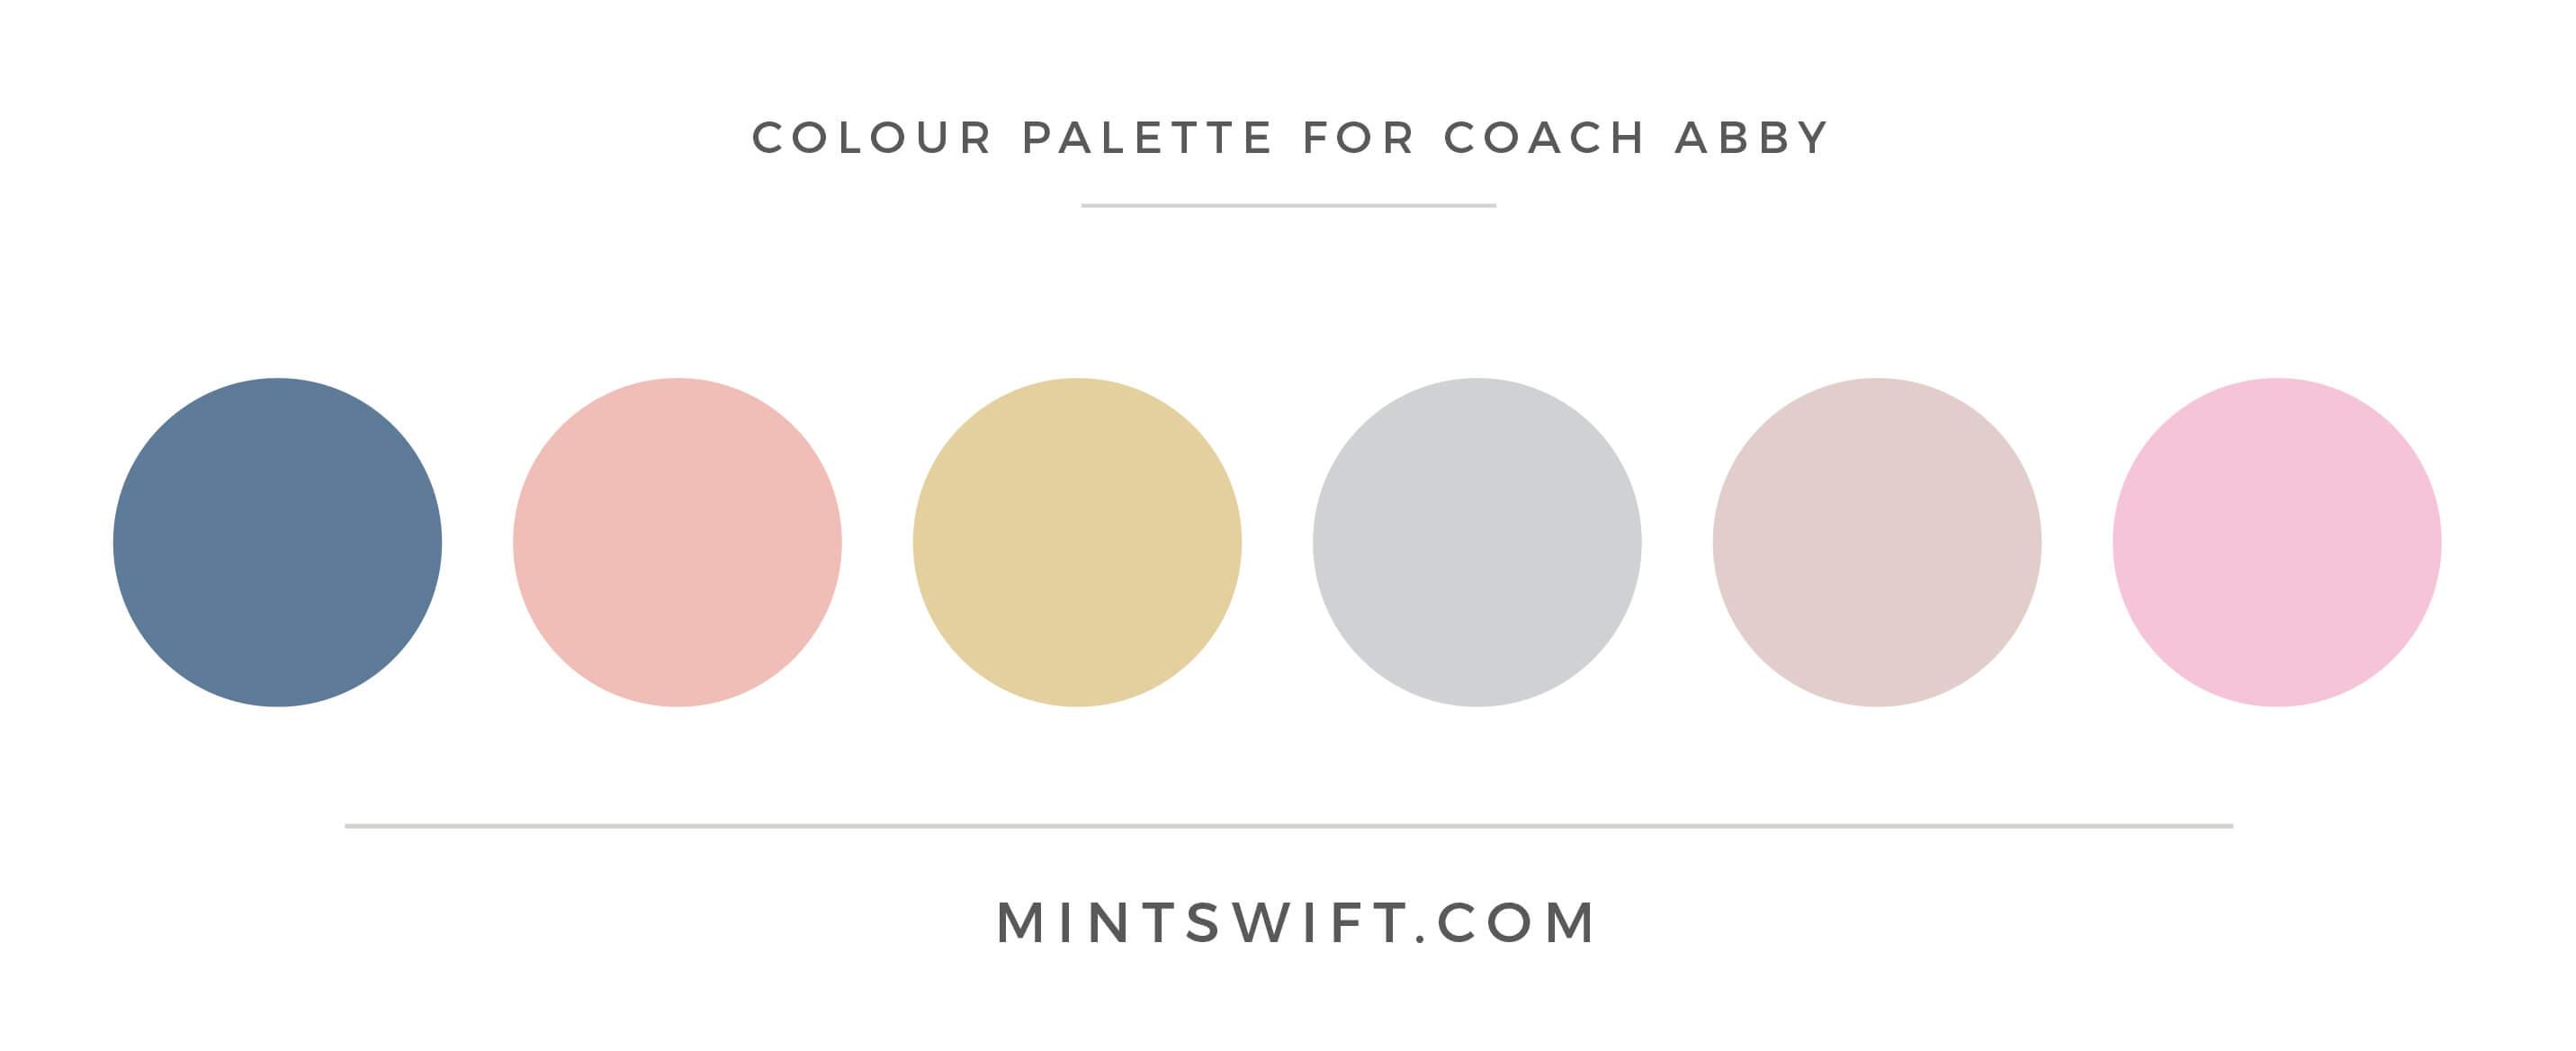 Coach Abby - Colour Palette - Brand Design - MintSwift